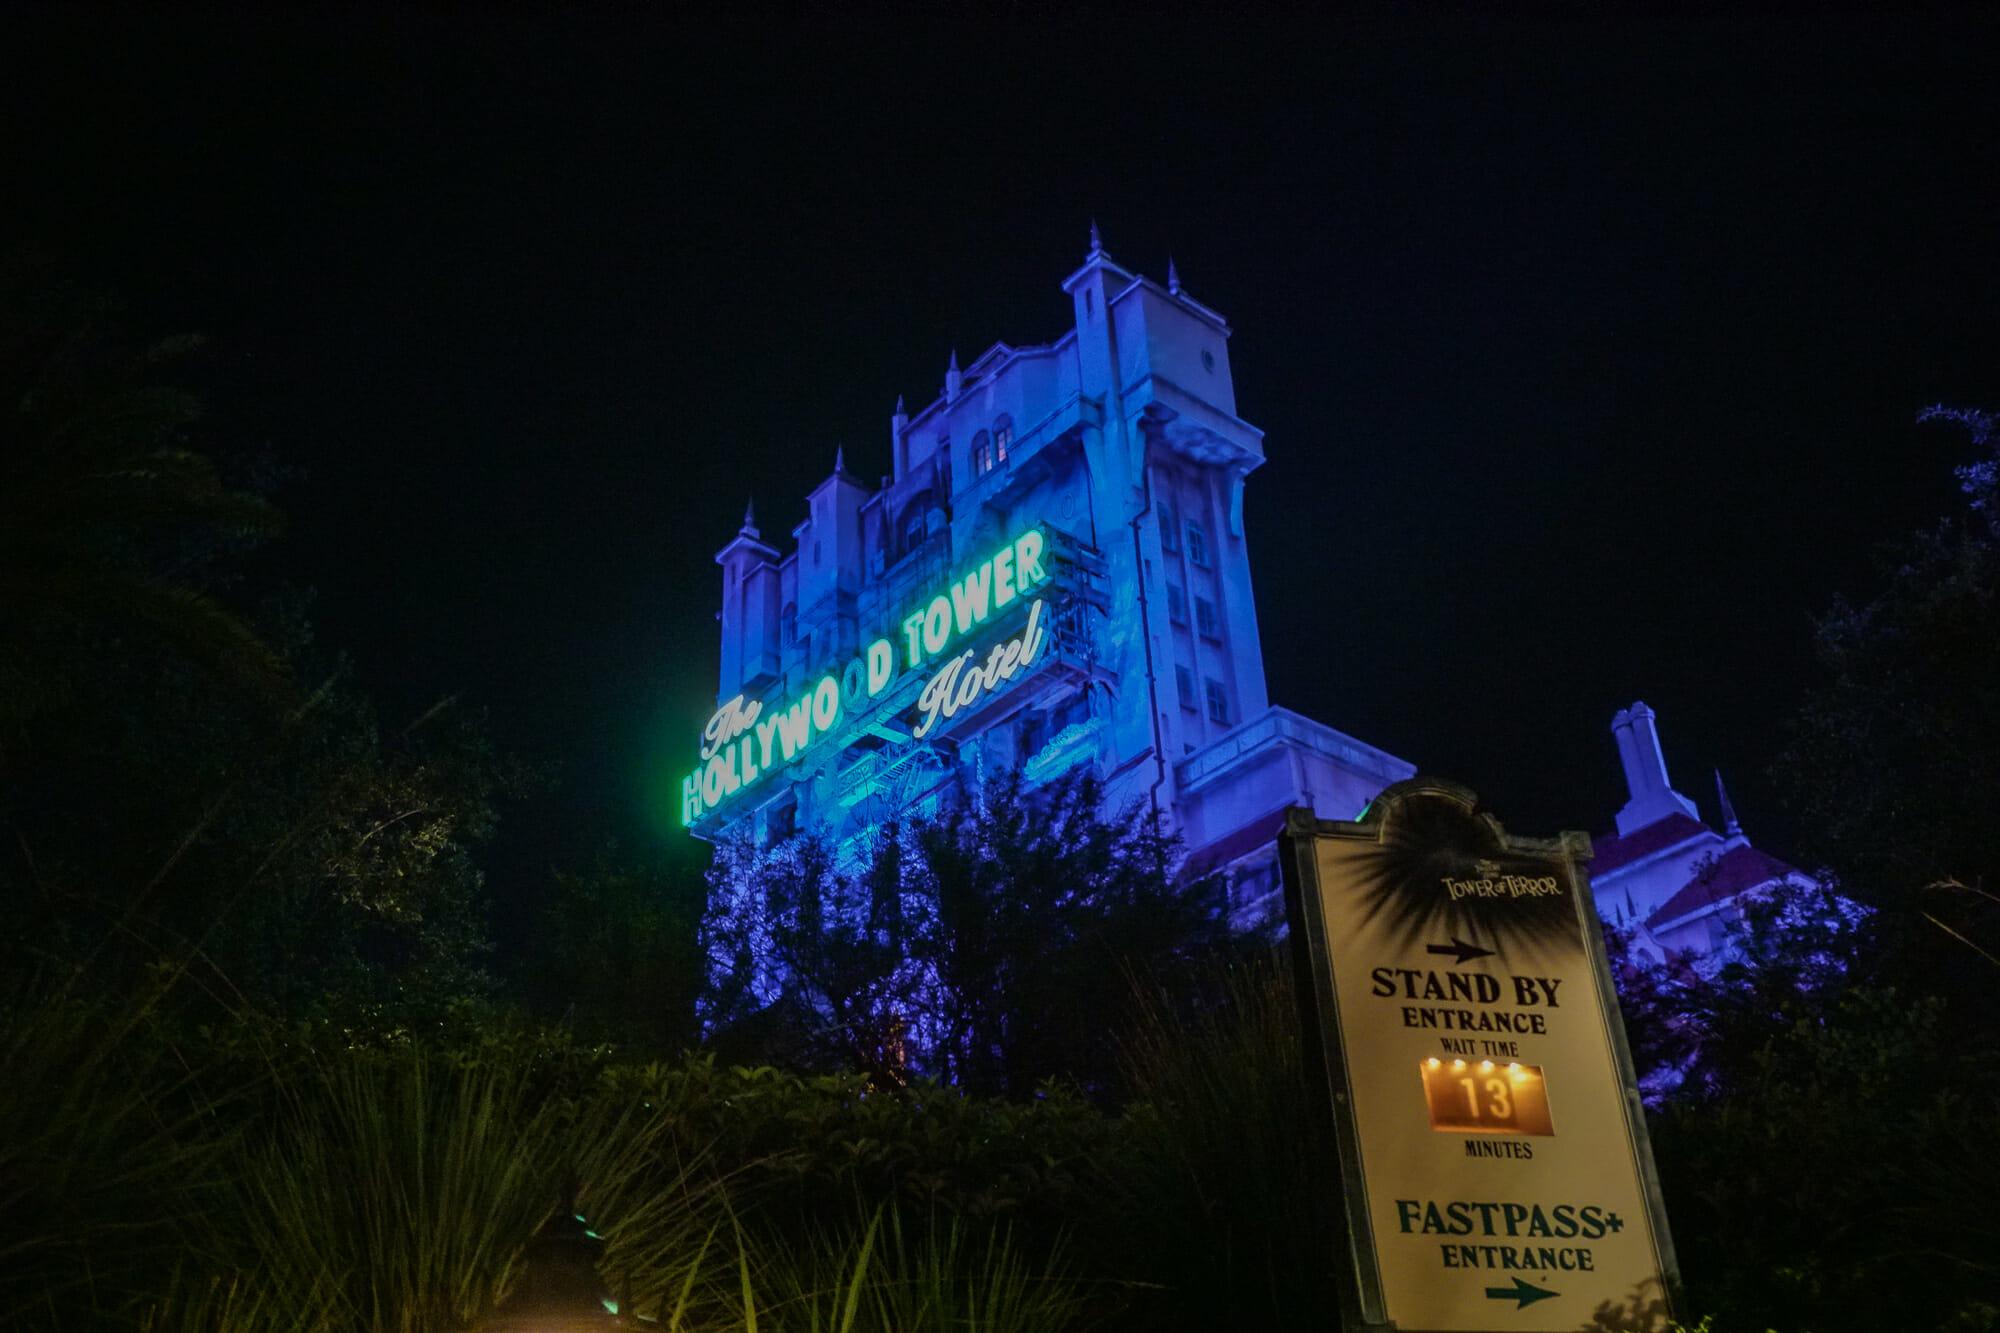 Foto da Tower of Terror, do Hollywood Studios, durante a noite, iluminada em azul com seu nome em verde.